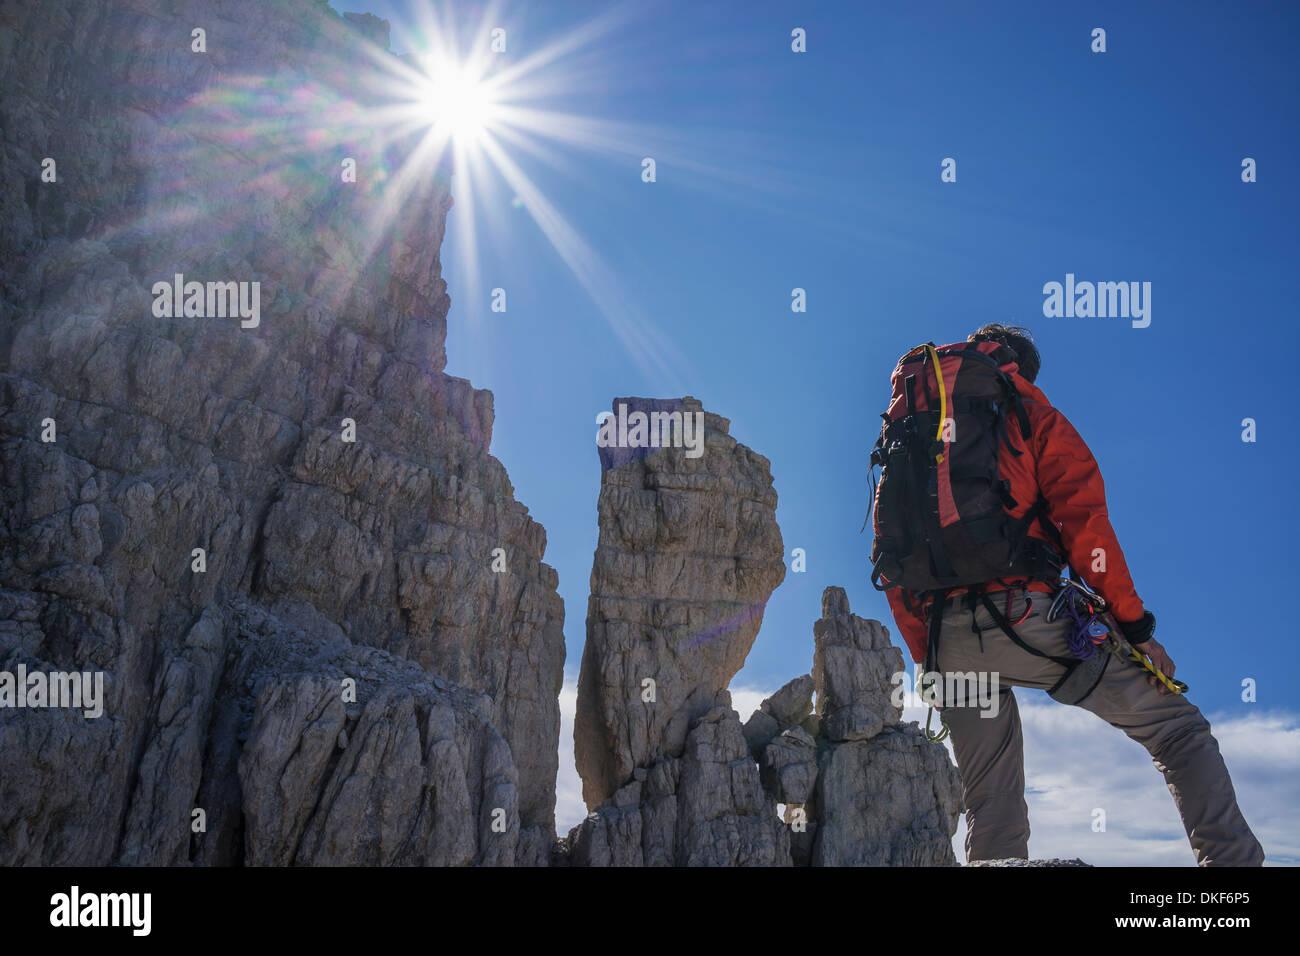 Kletterer Blick auf Felswände, Brenta-Dolomiten, Italien Stockbild